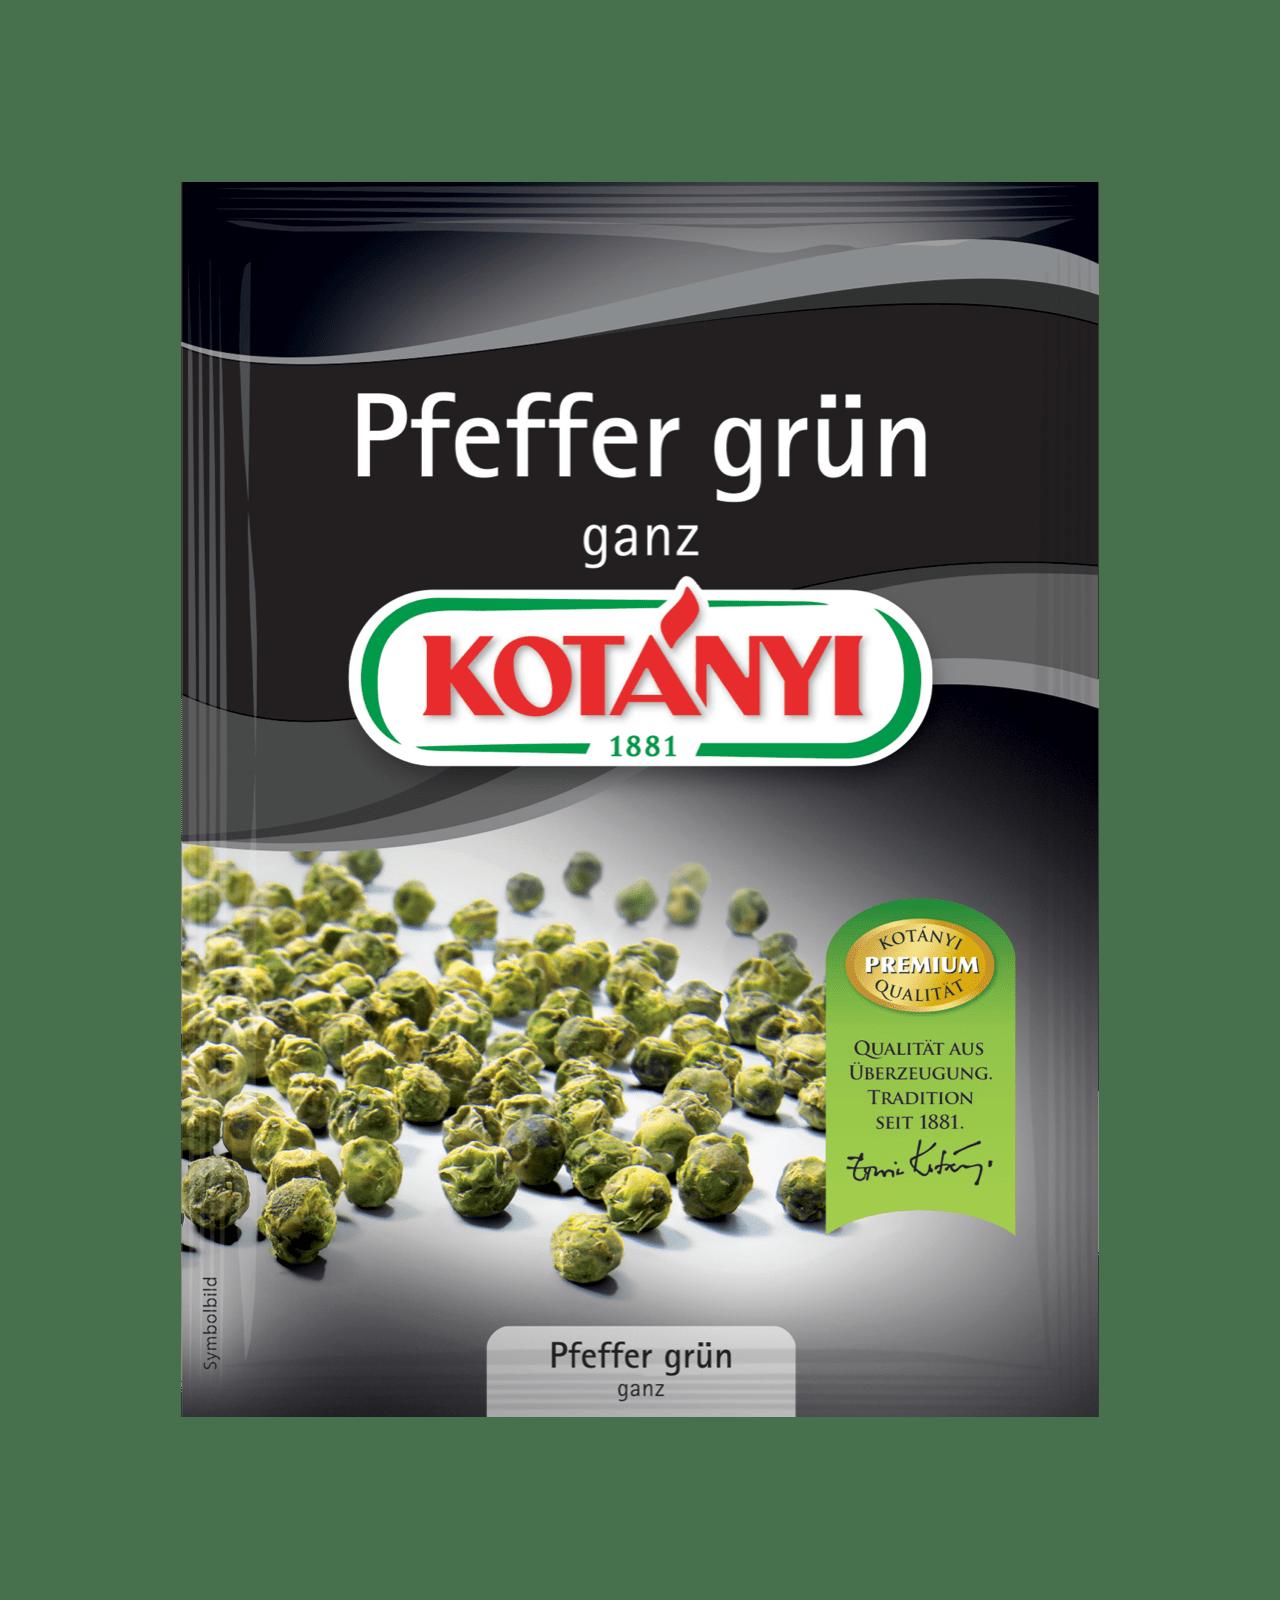 Kotányi Pfeffer grün ganz im Brief